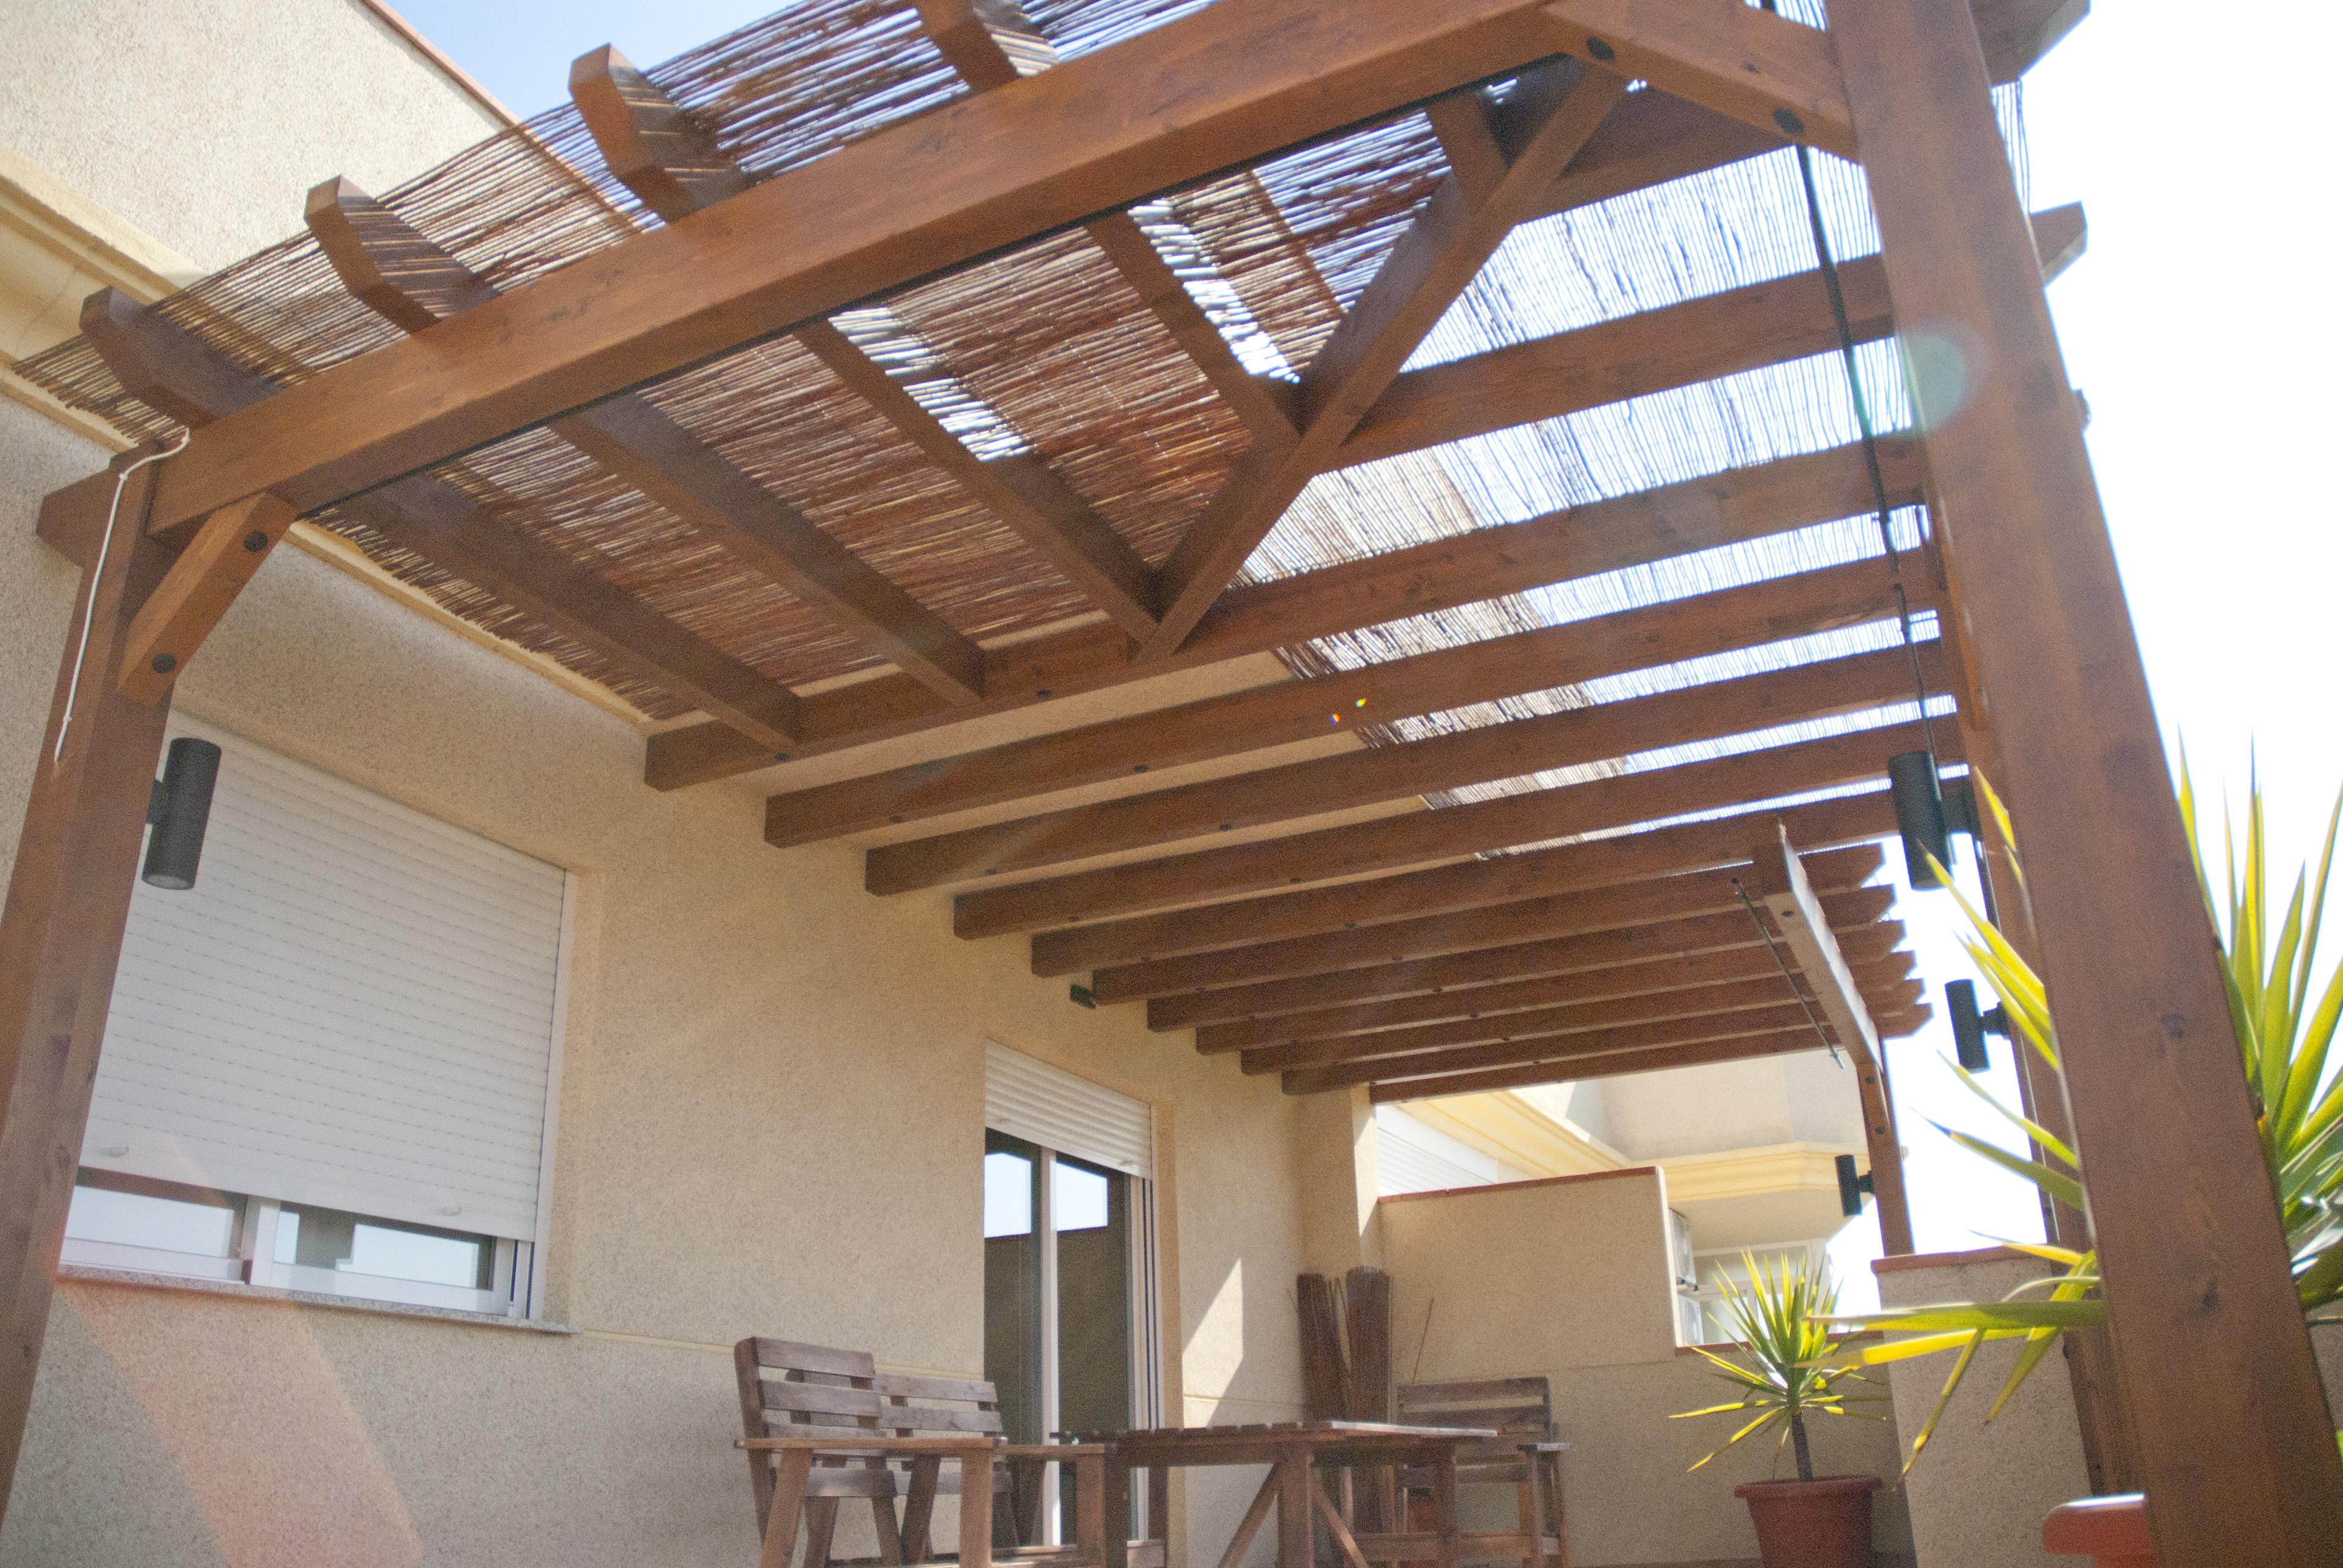 Pergolas de madera instaladas en terrazas estructuras de madera dlc - Terrazas con pergolas de madera ...